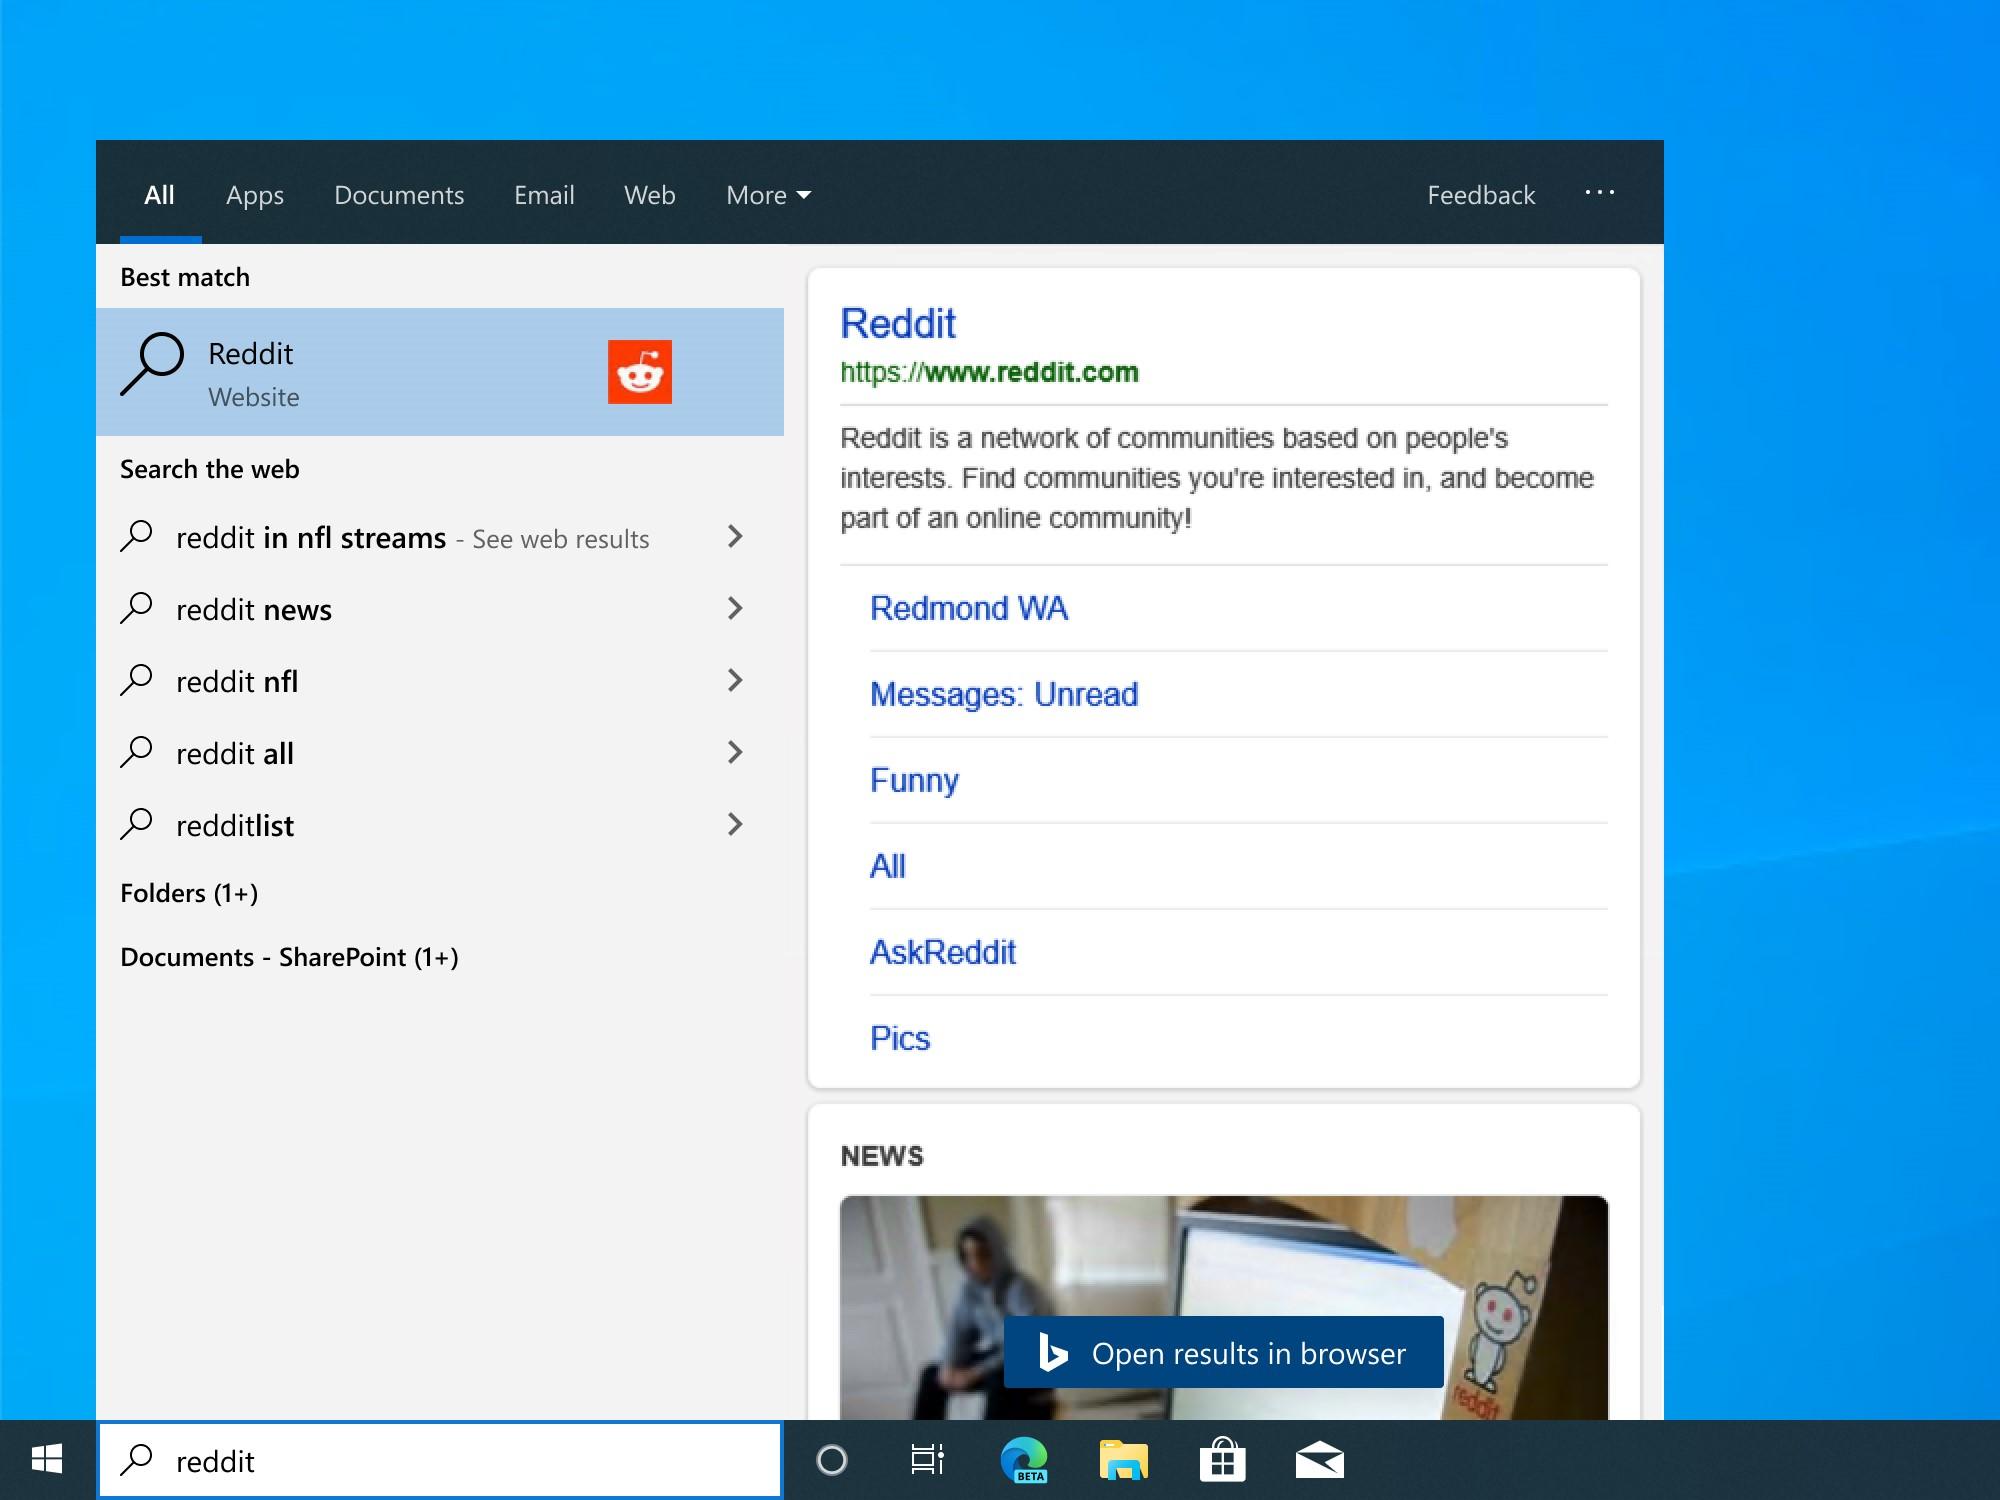 Windows 10 bing start menu